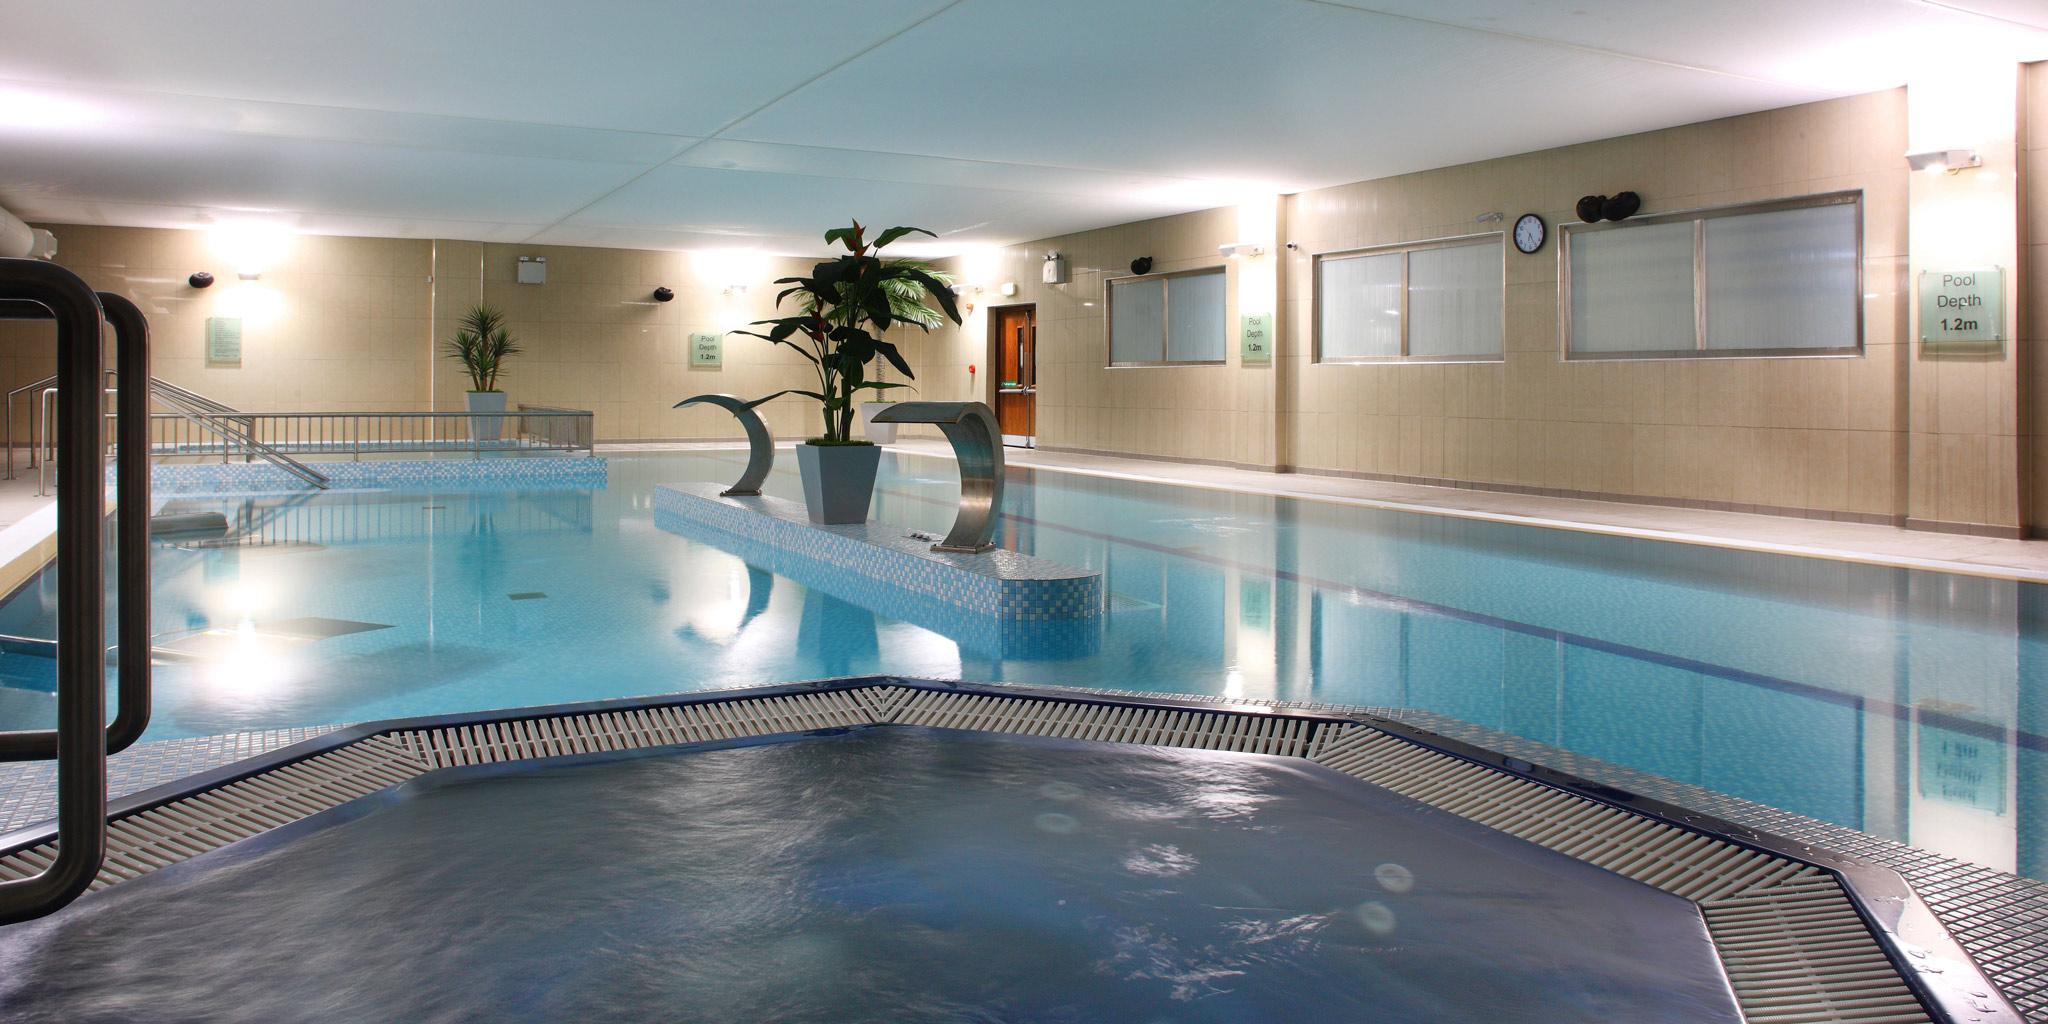 Maldron-Tallght-pool